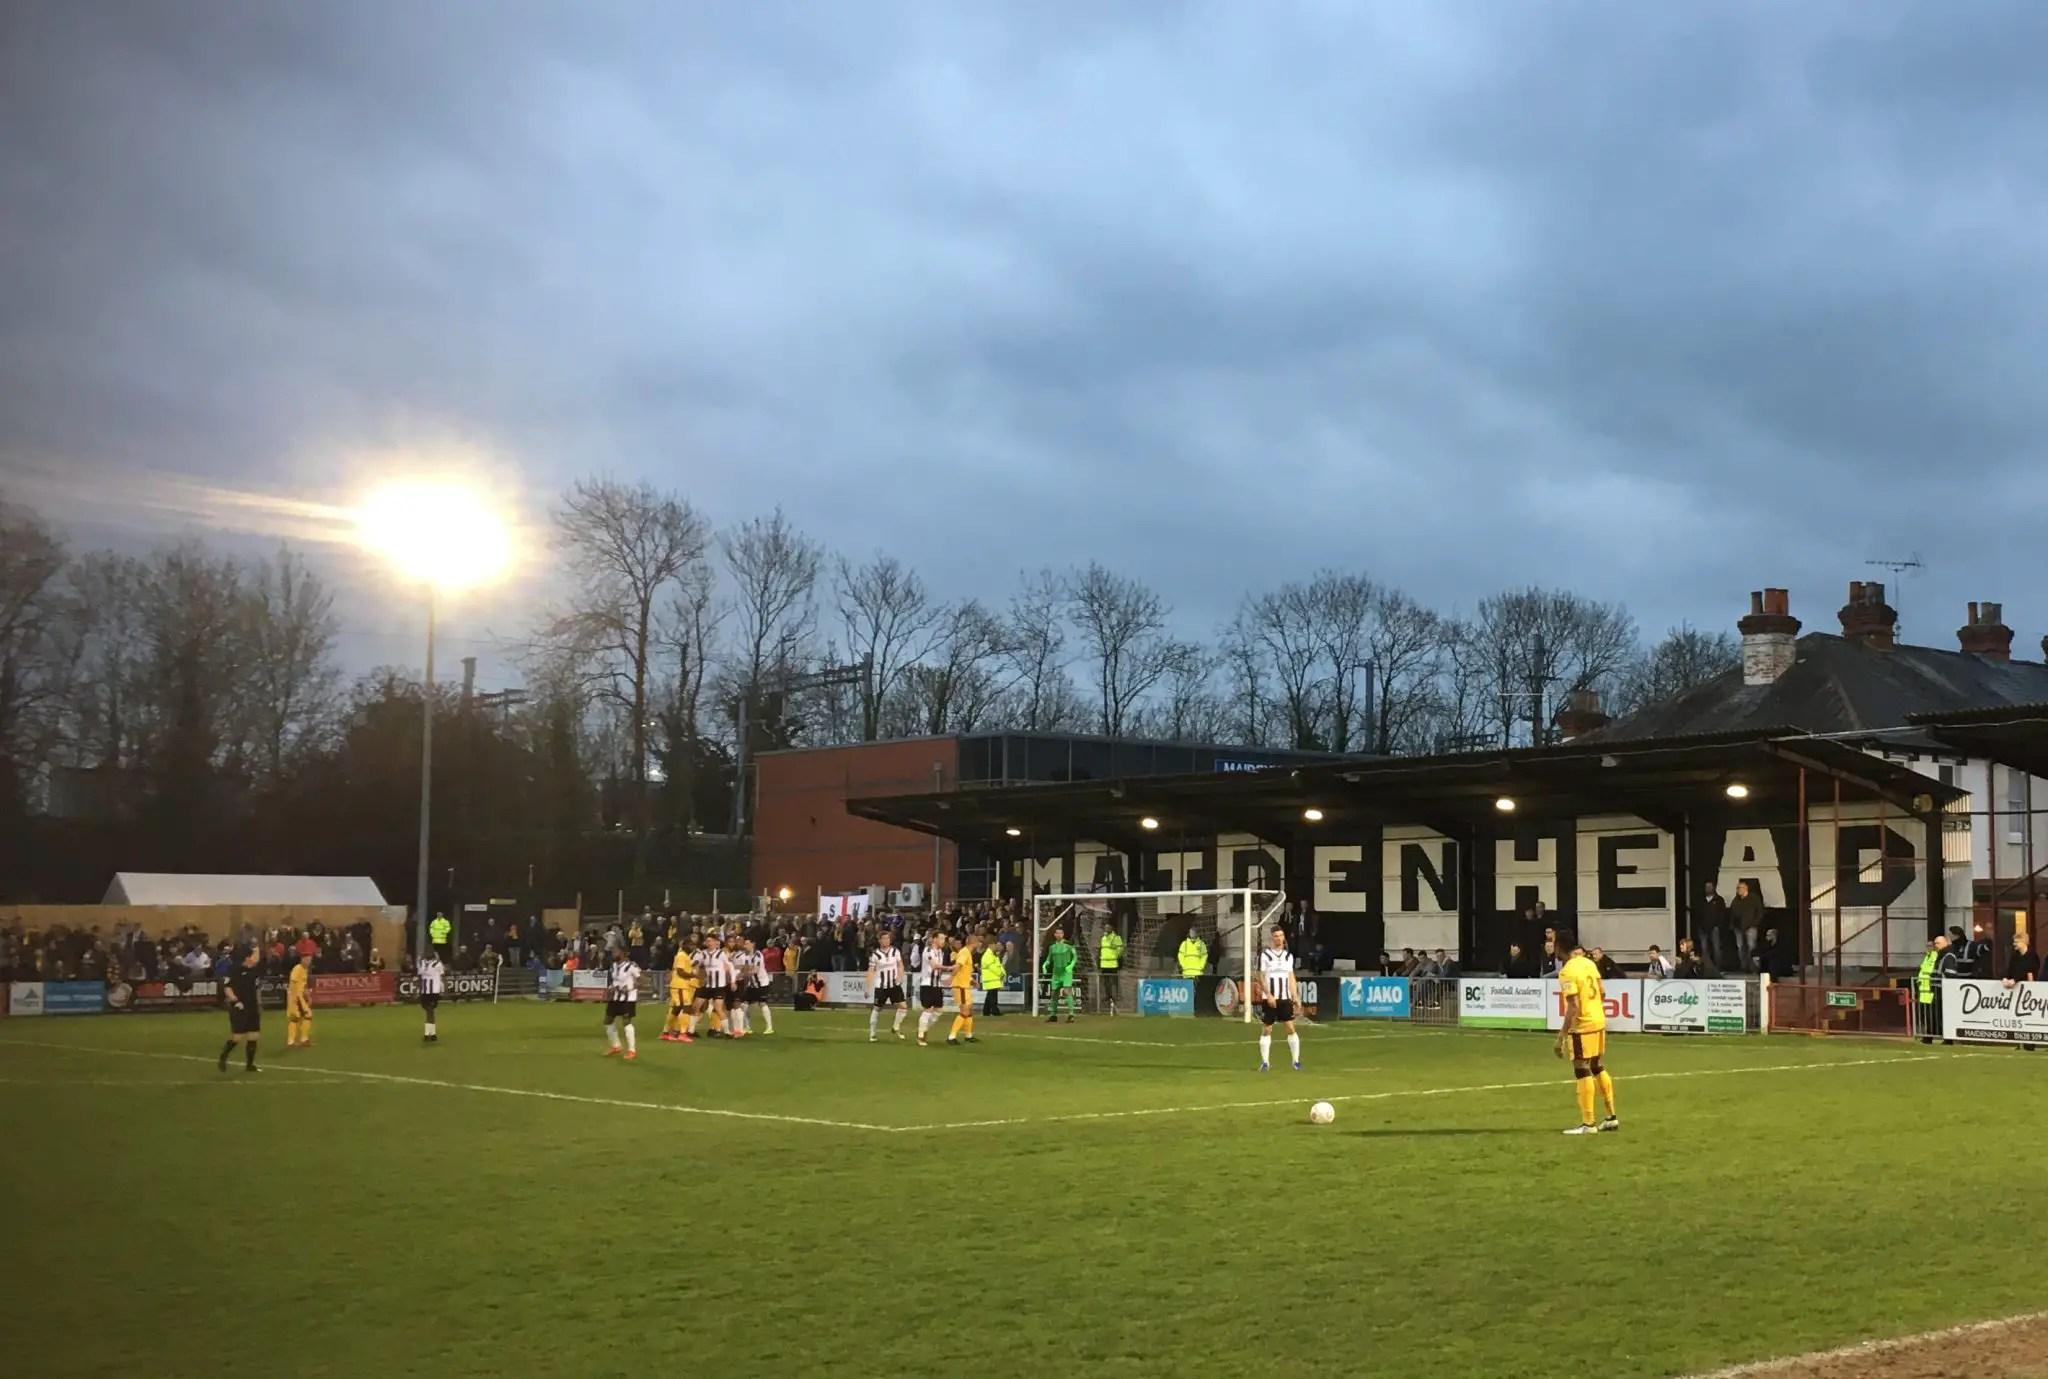 Maidenhead United host Football Focus ahead of FA Cup tie